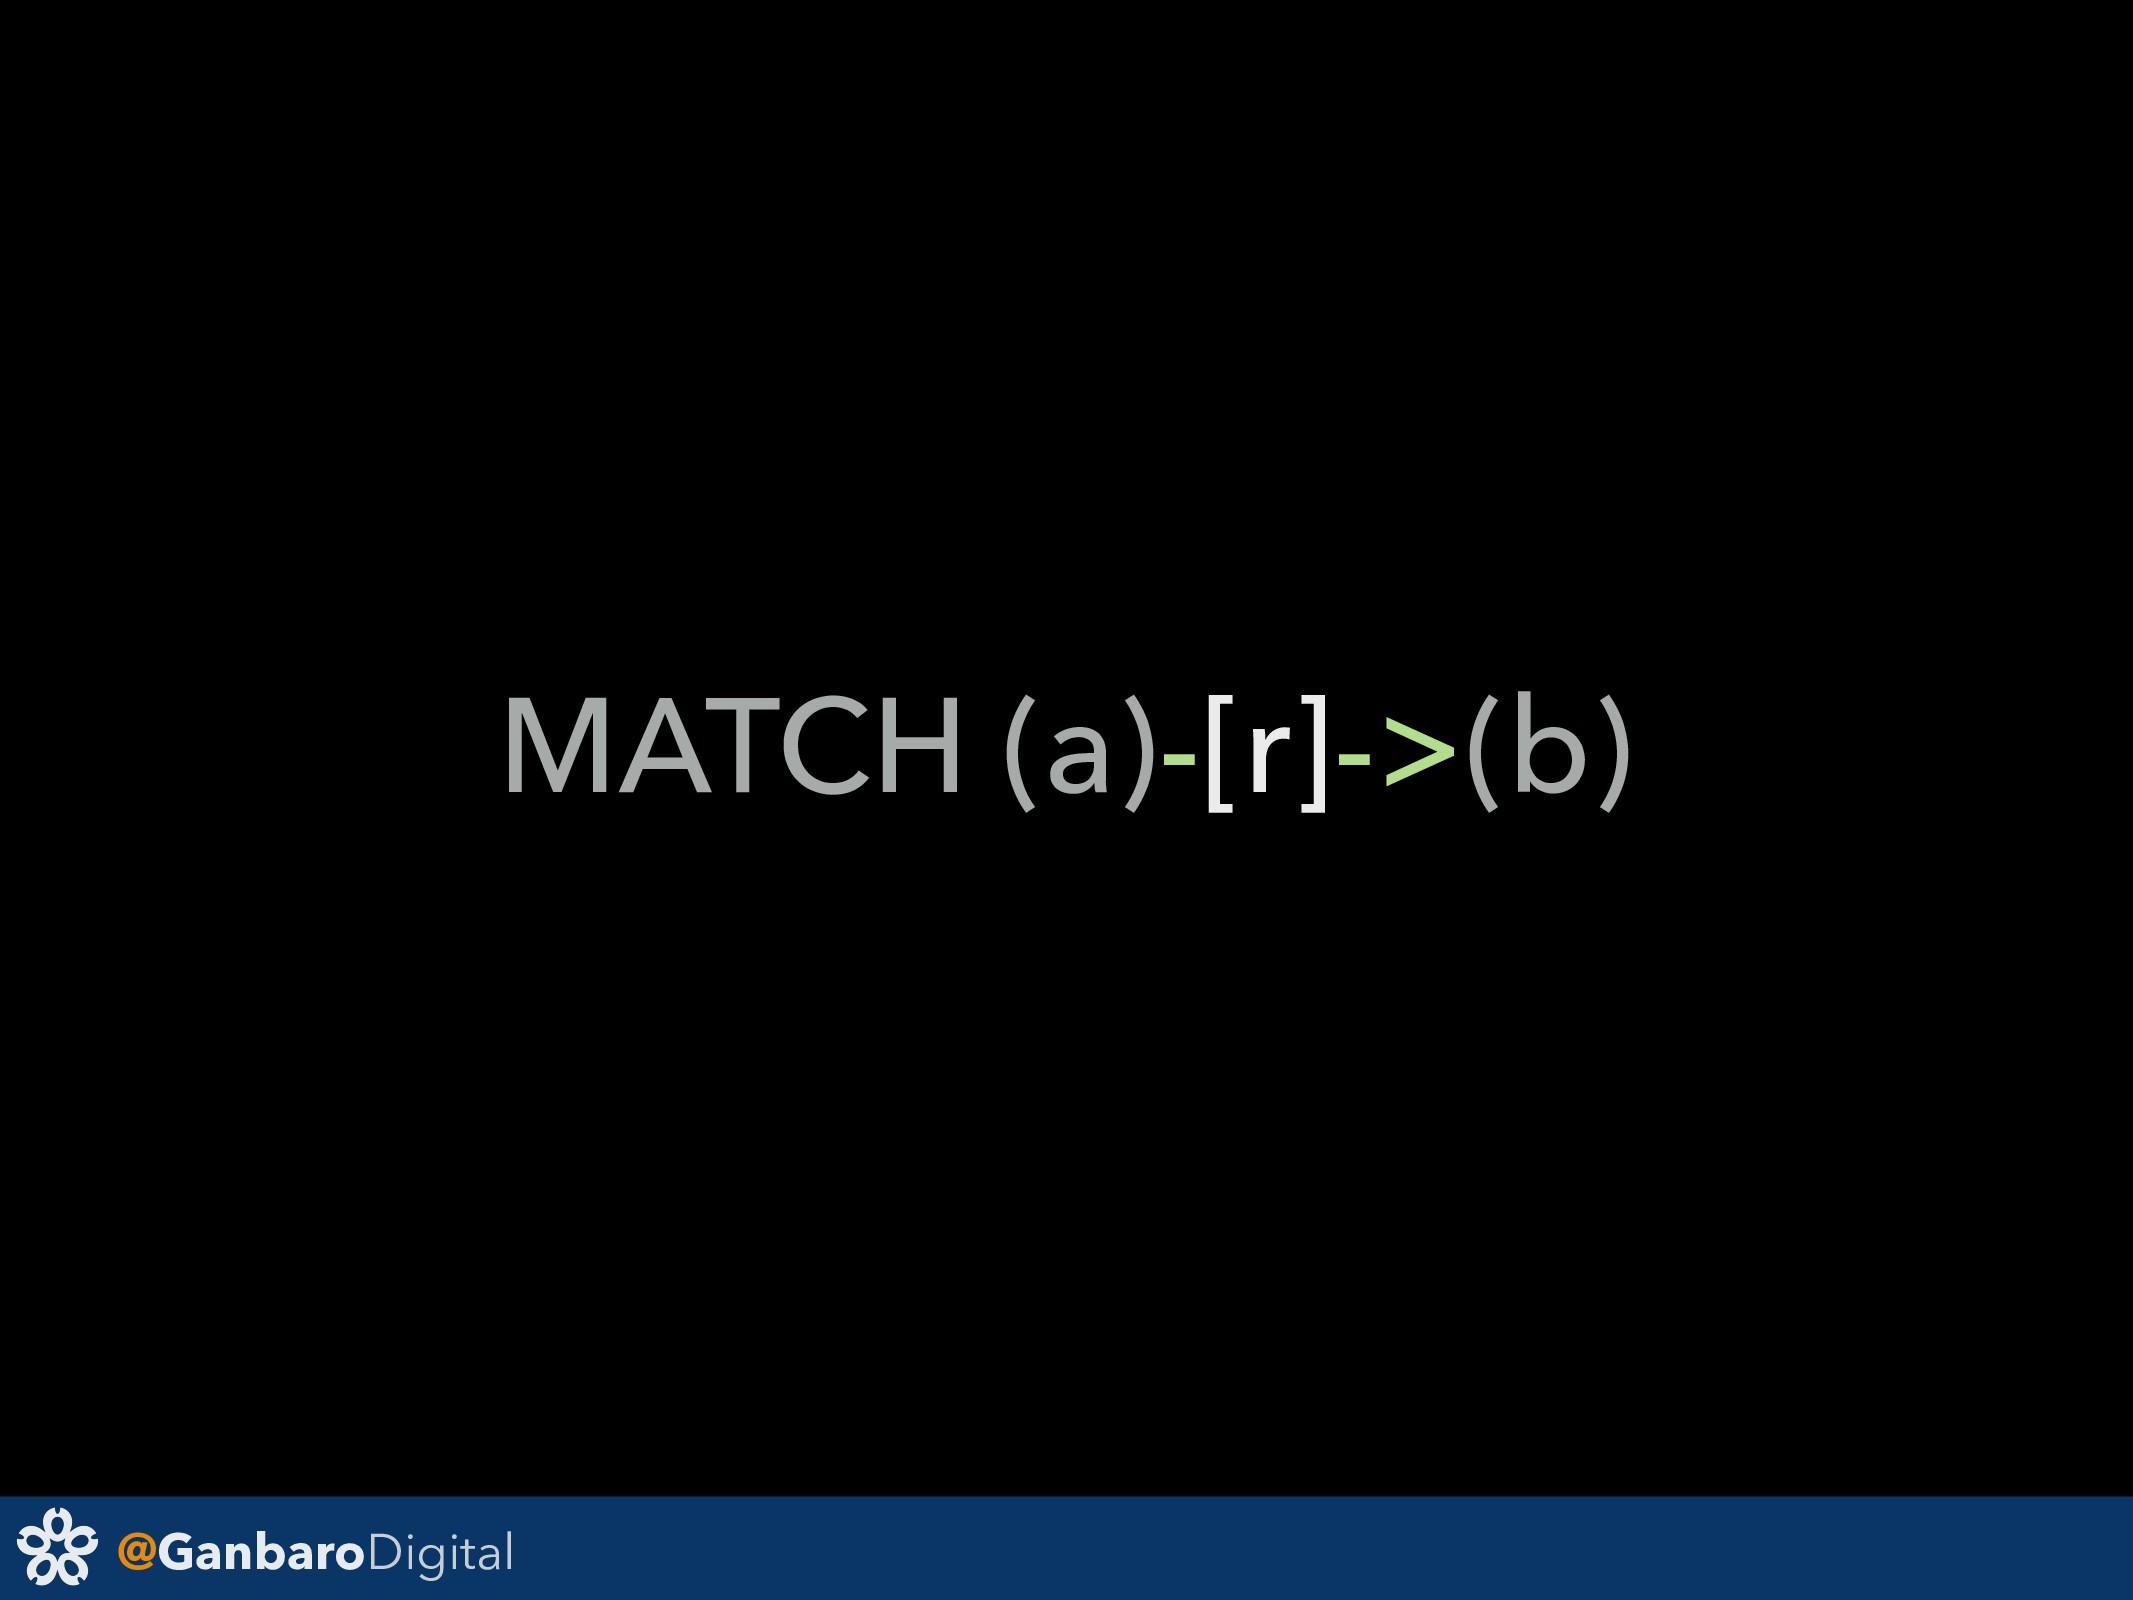 @GanbaroDigital MATCH (a)-[r]->(b)